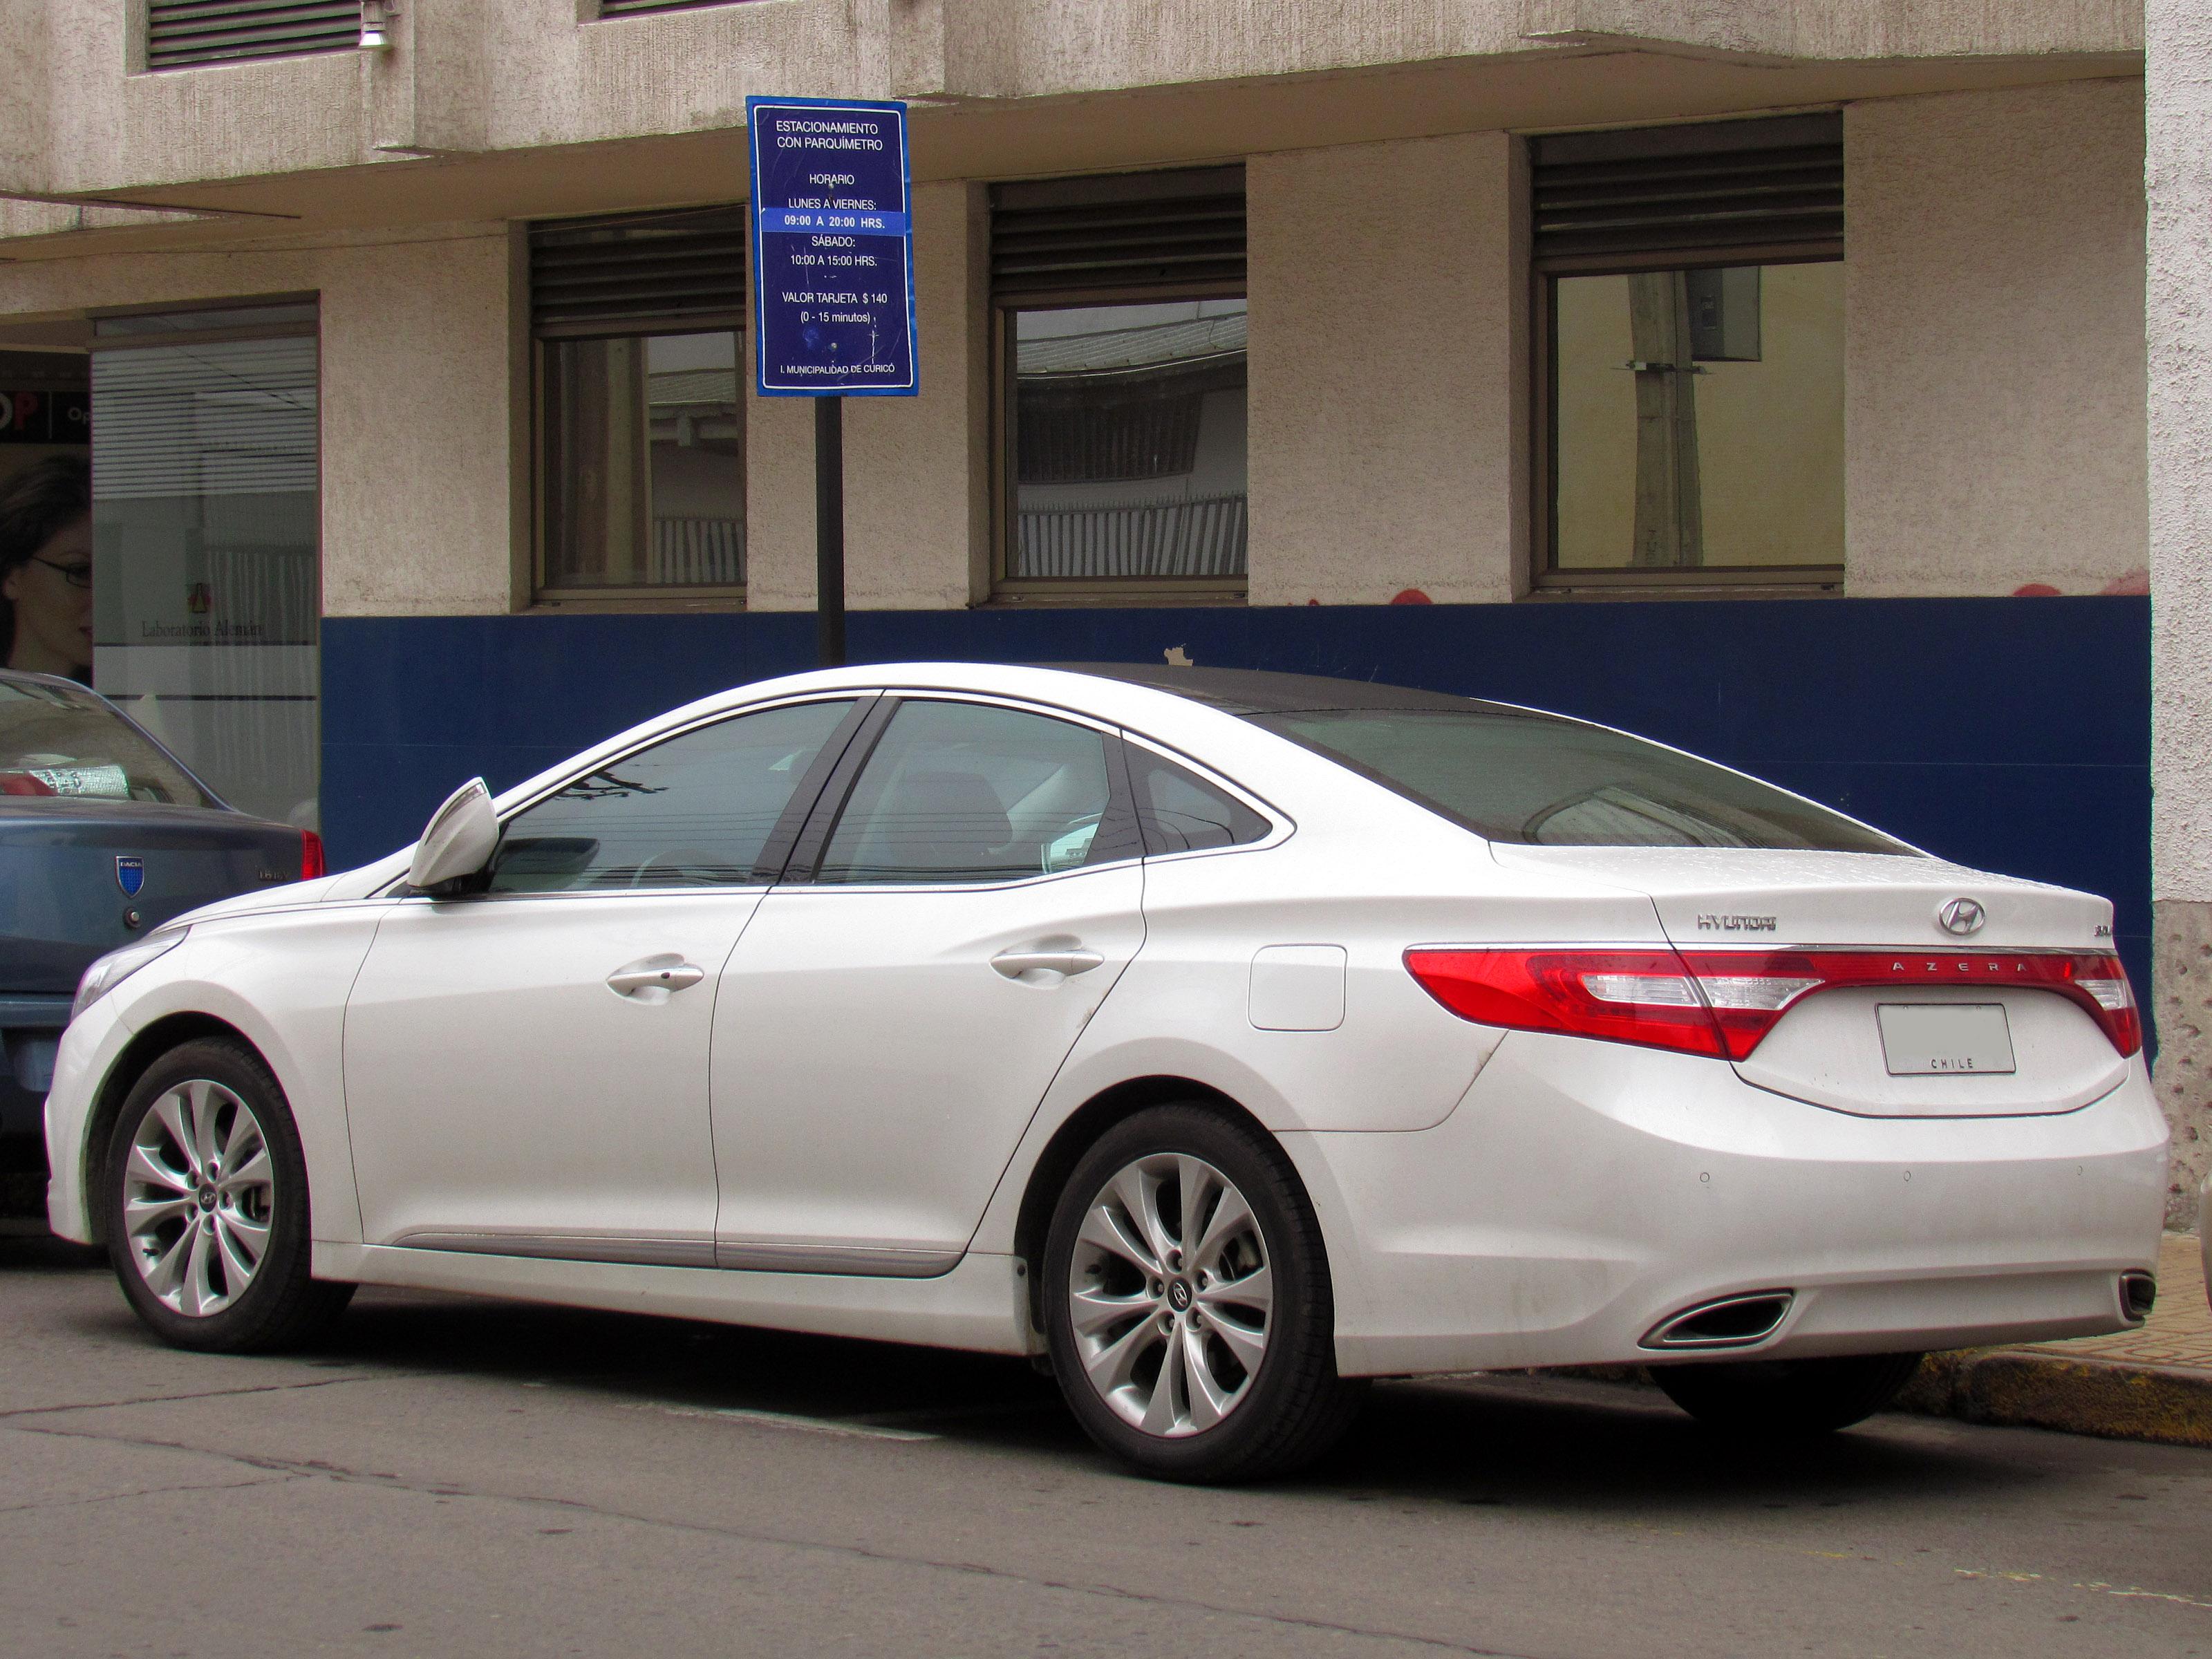 new azera hyundai car models